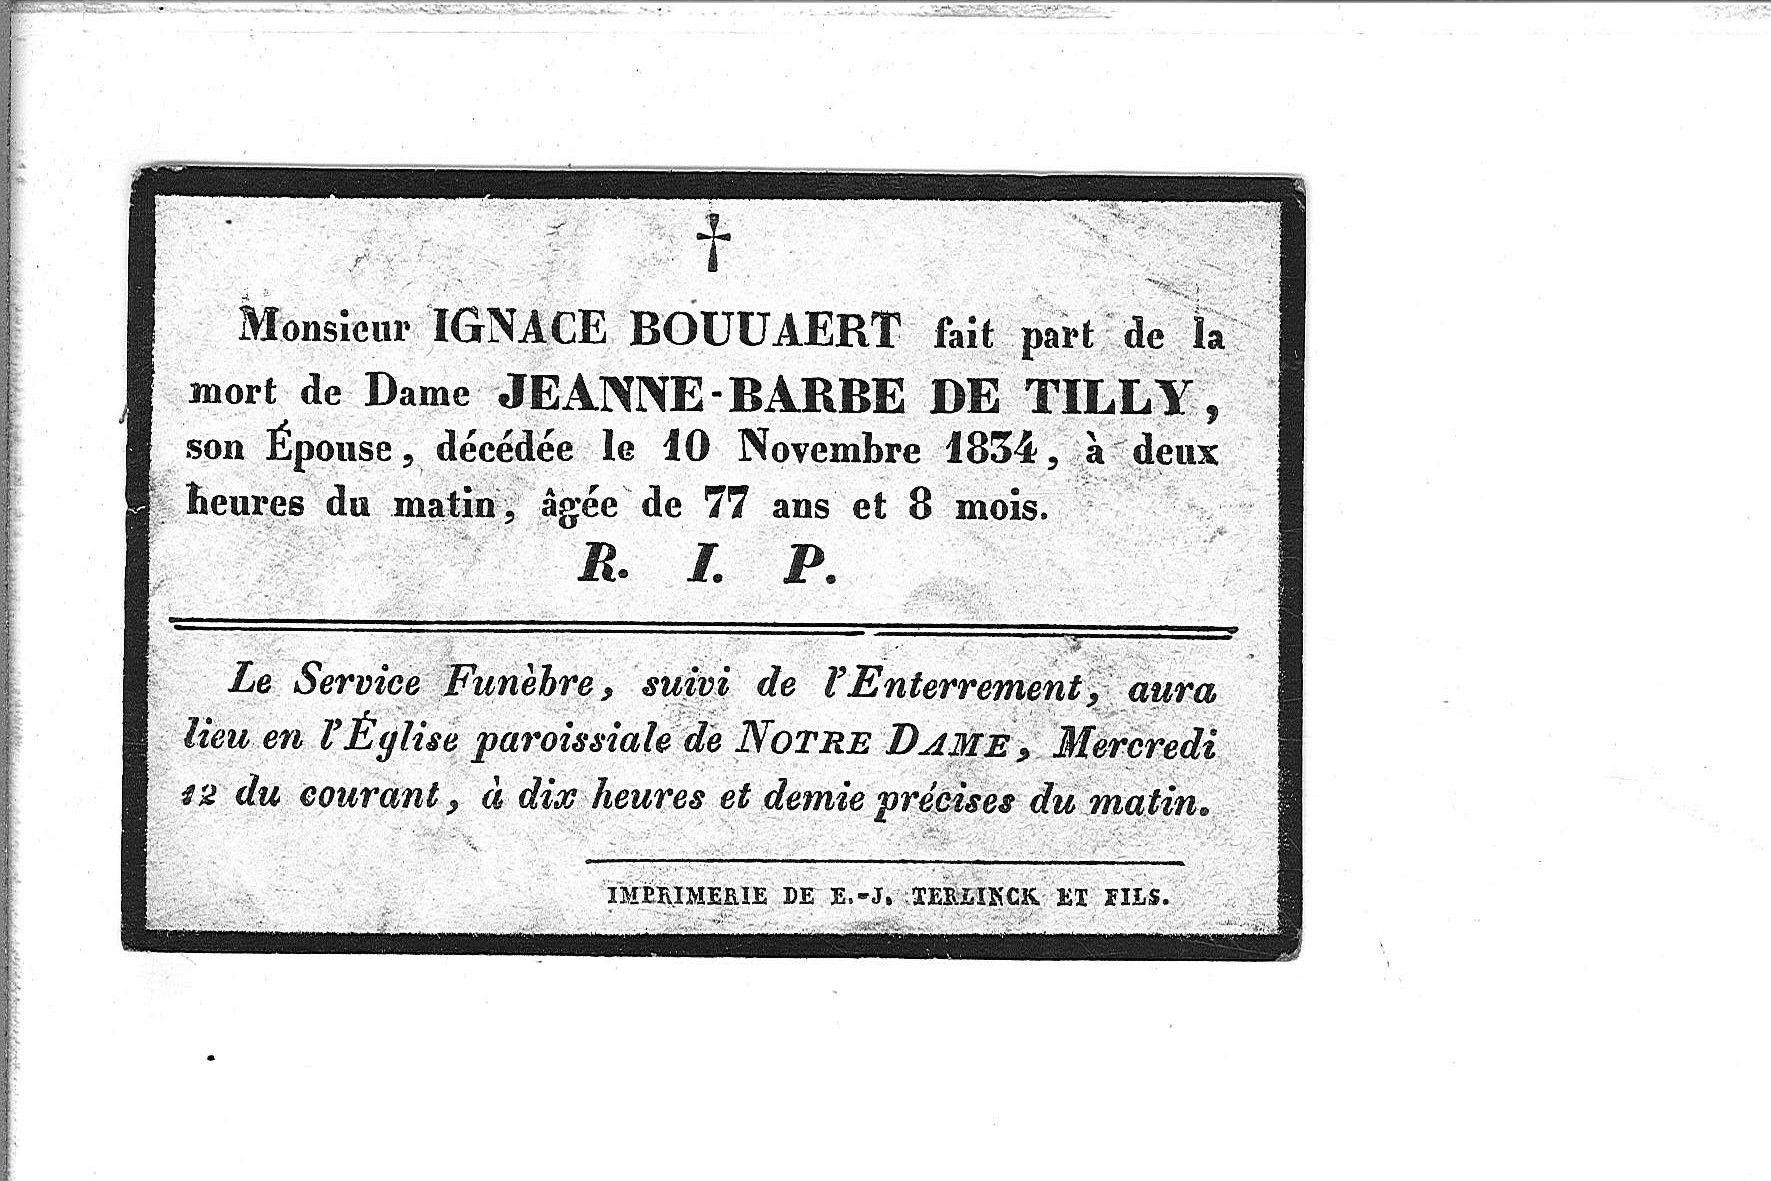 Jeanne-Barbe-(1834)-20121113082917_00126.jpg